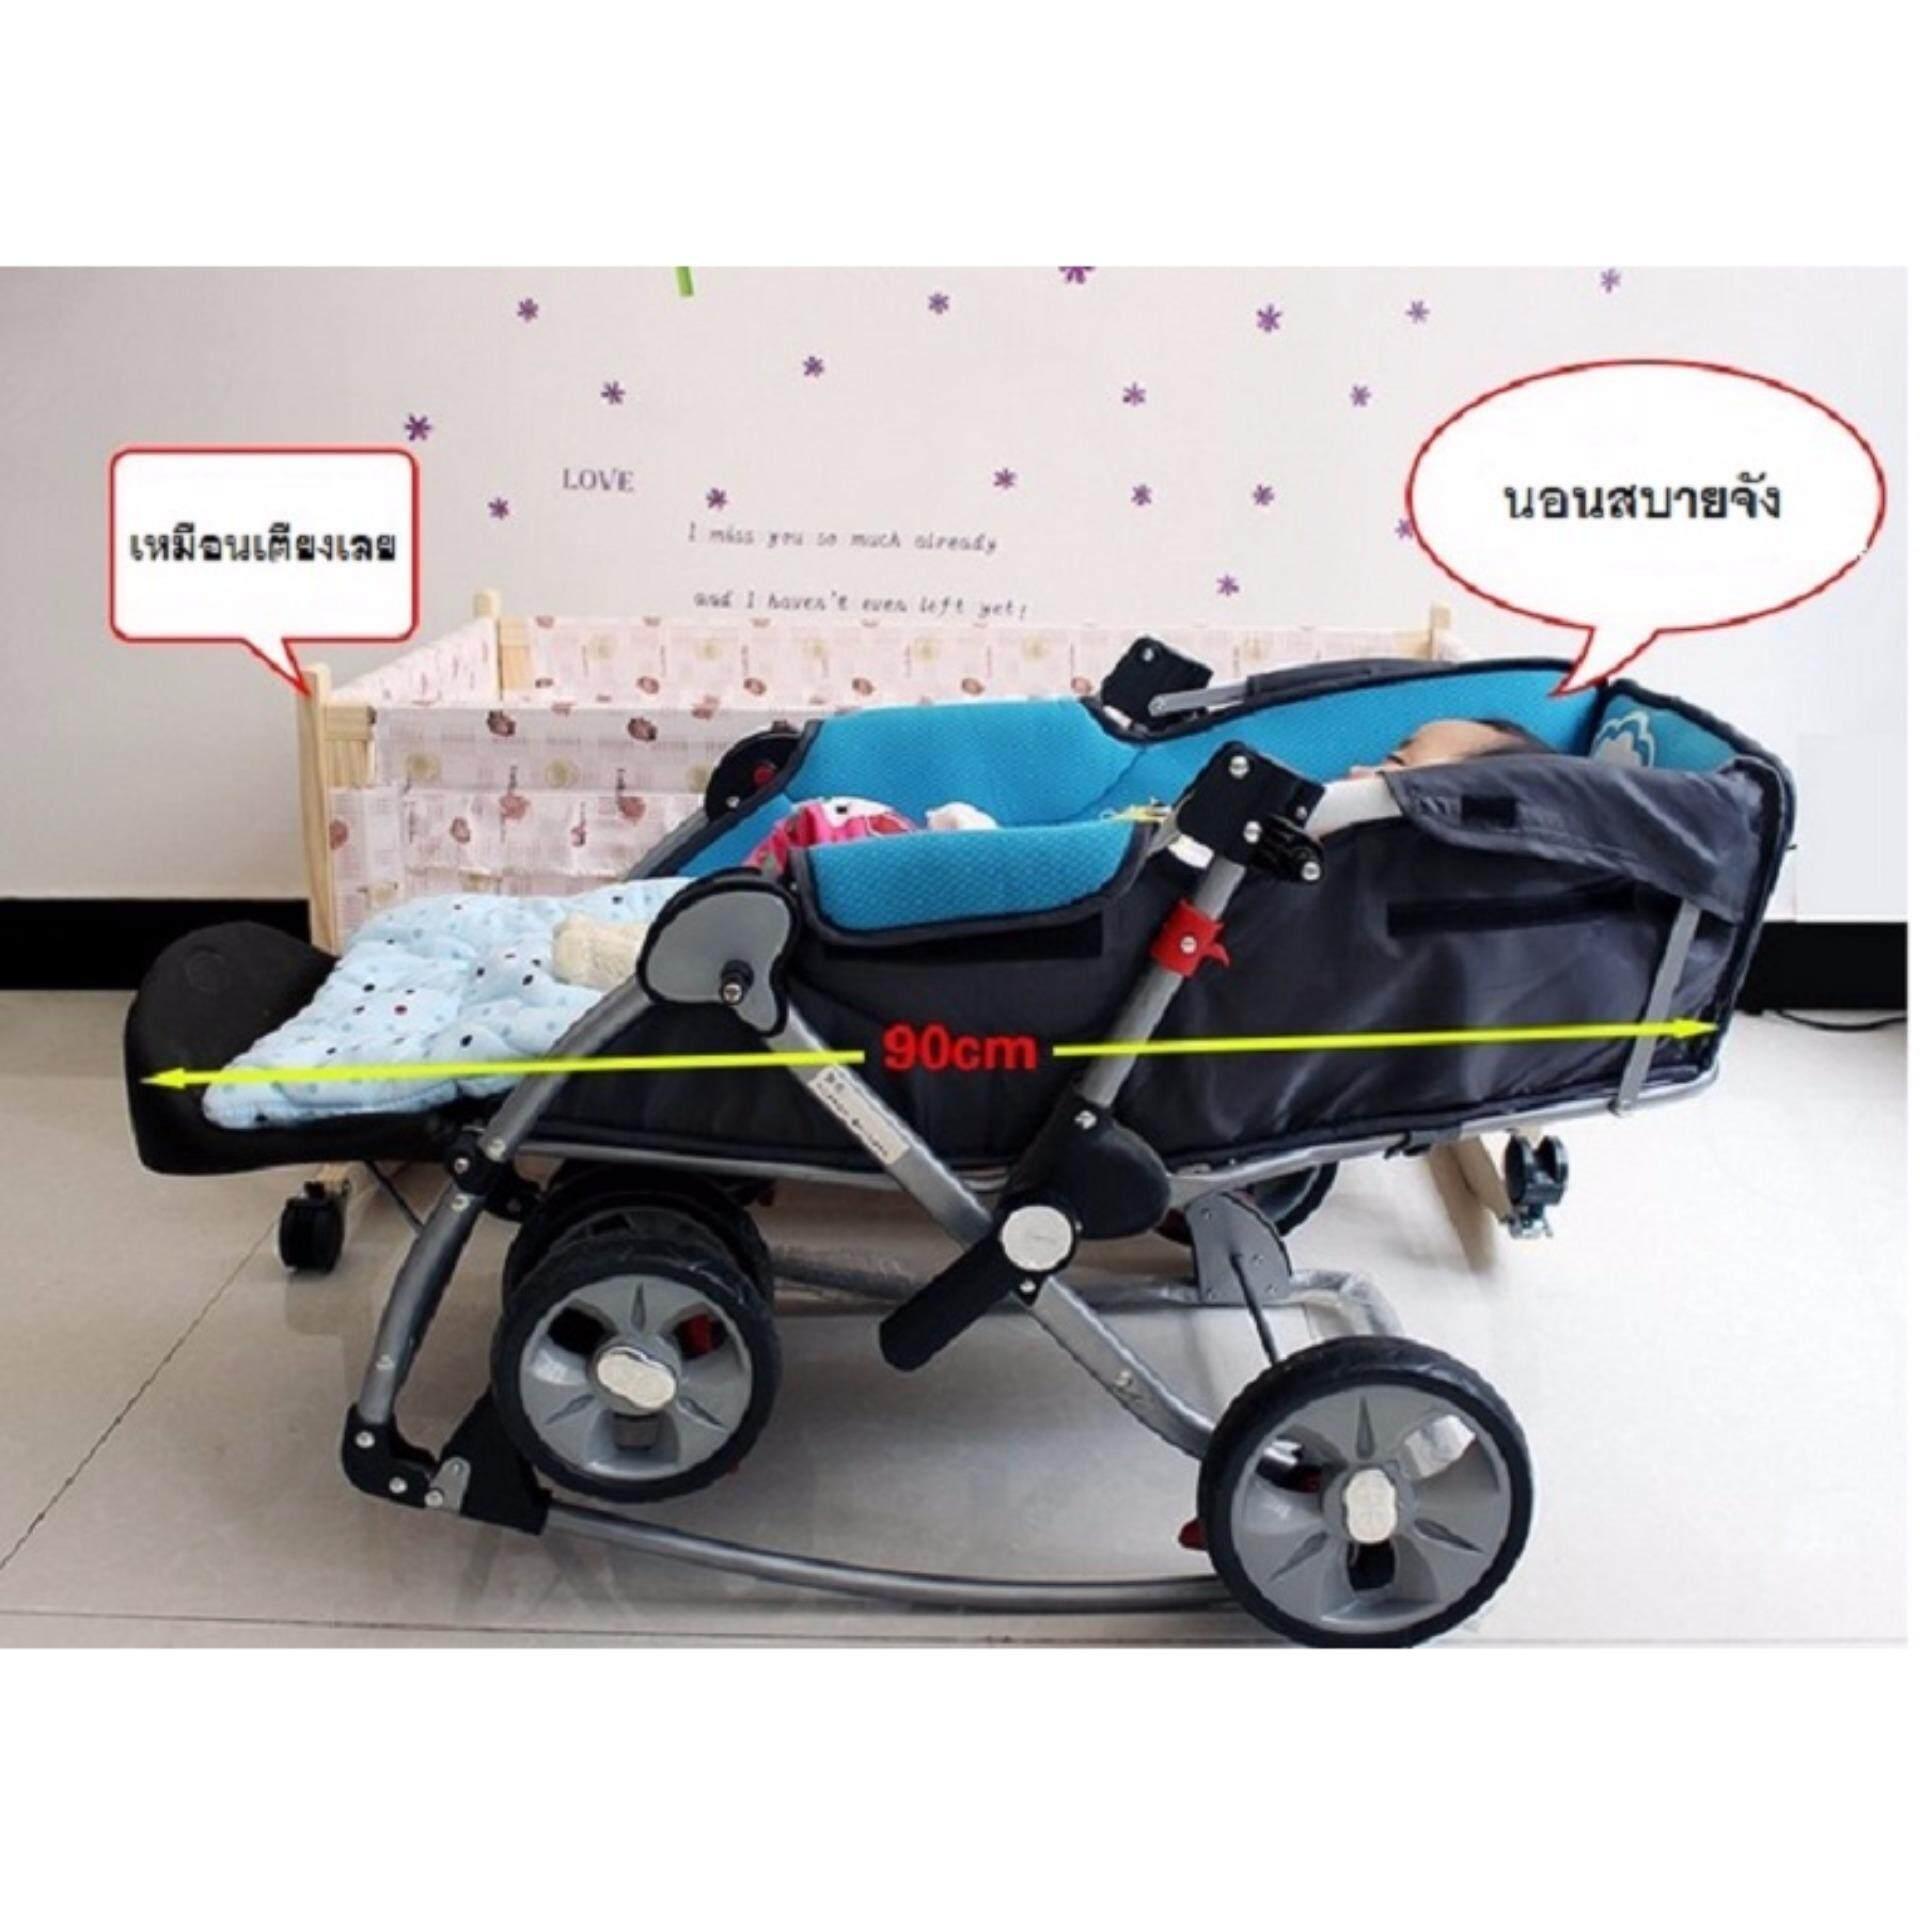 ของแท้ราคาถูก Unbranded/Generic อุปกรณ์เสริมรถเข็นเด็ก มุ้งคลุมรถเข็นเด็ก มุ้งกันยุงกันแมลง 100% ไม่มีสิ่งมารบกวนคุณลูกได้ (สีดำ) ร้านที่เชื่อถือมากที่สุด